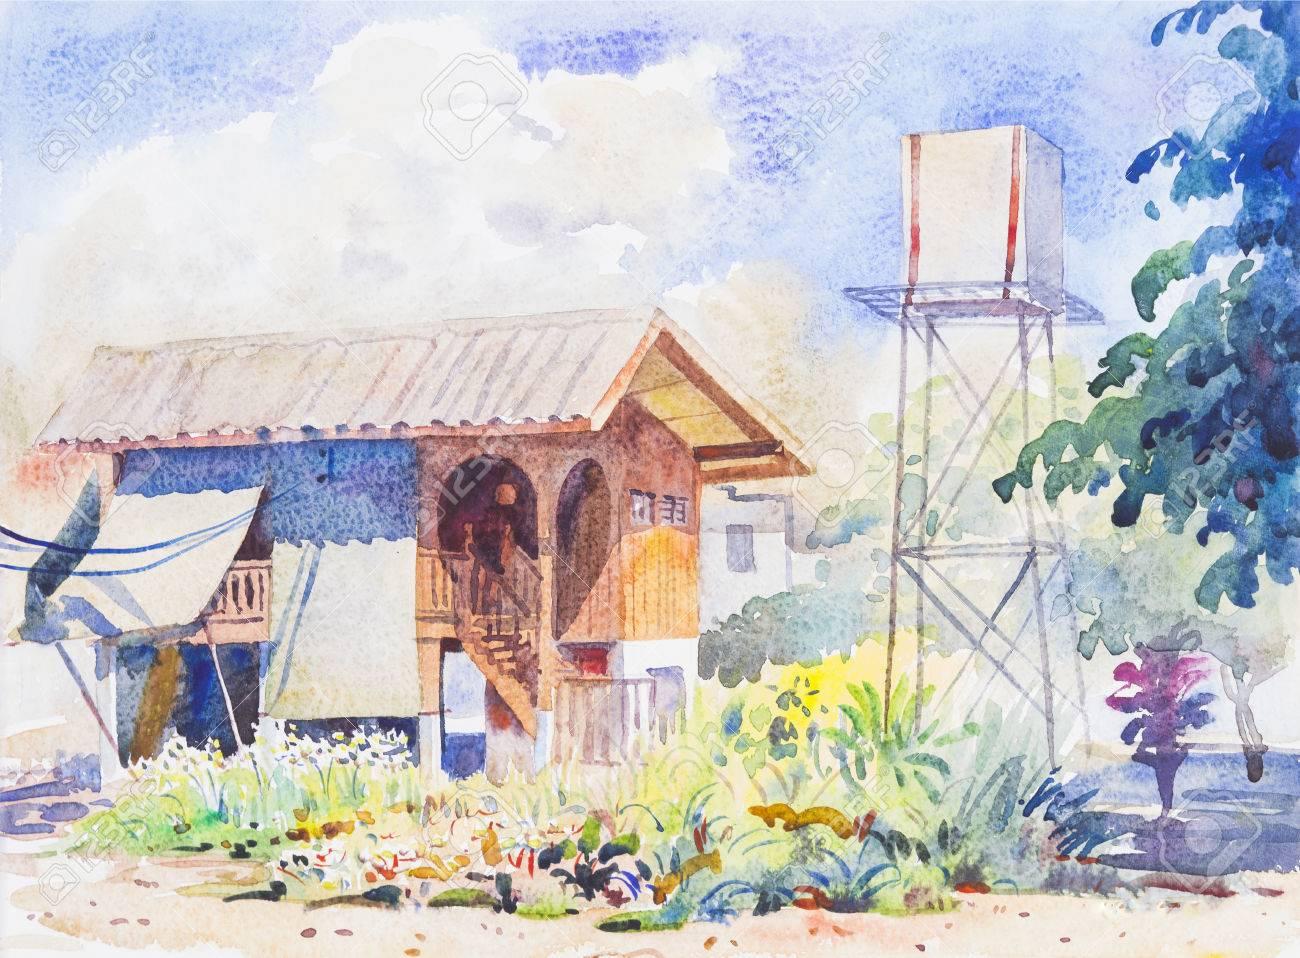 オリジナル水彩画風景画水彩画の背景絵画カラフルな花イラスト